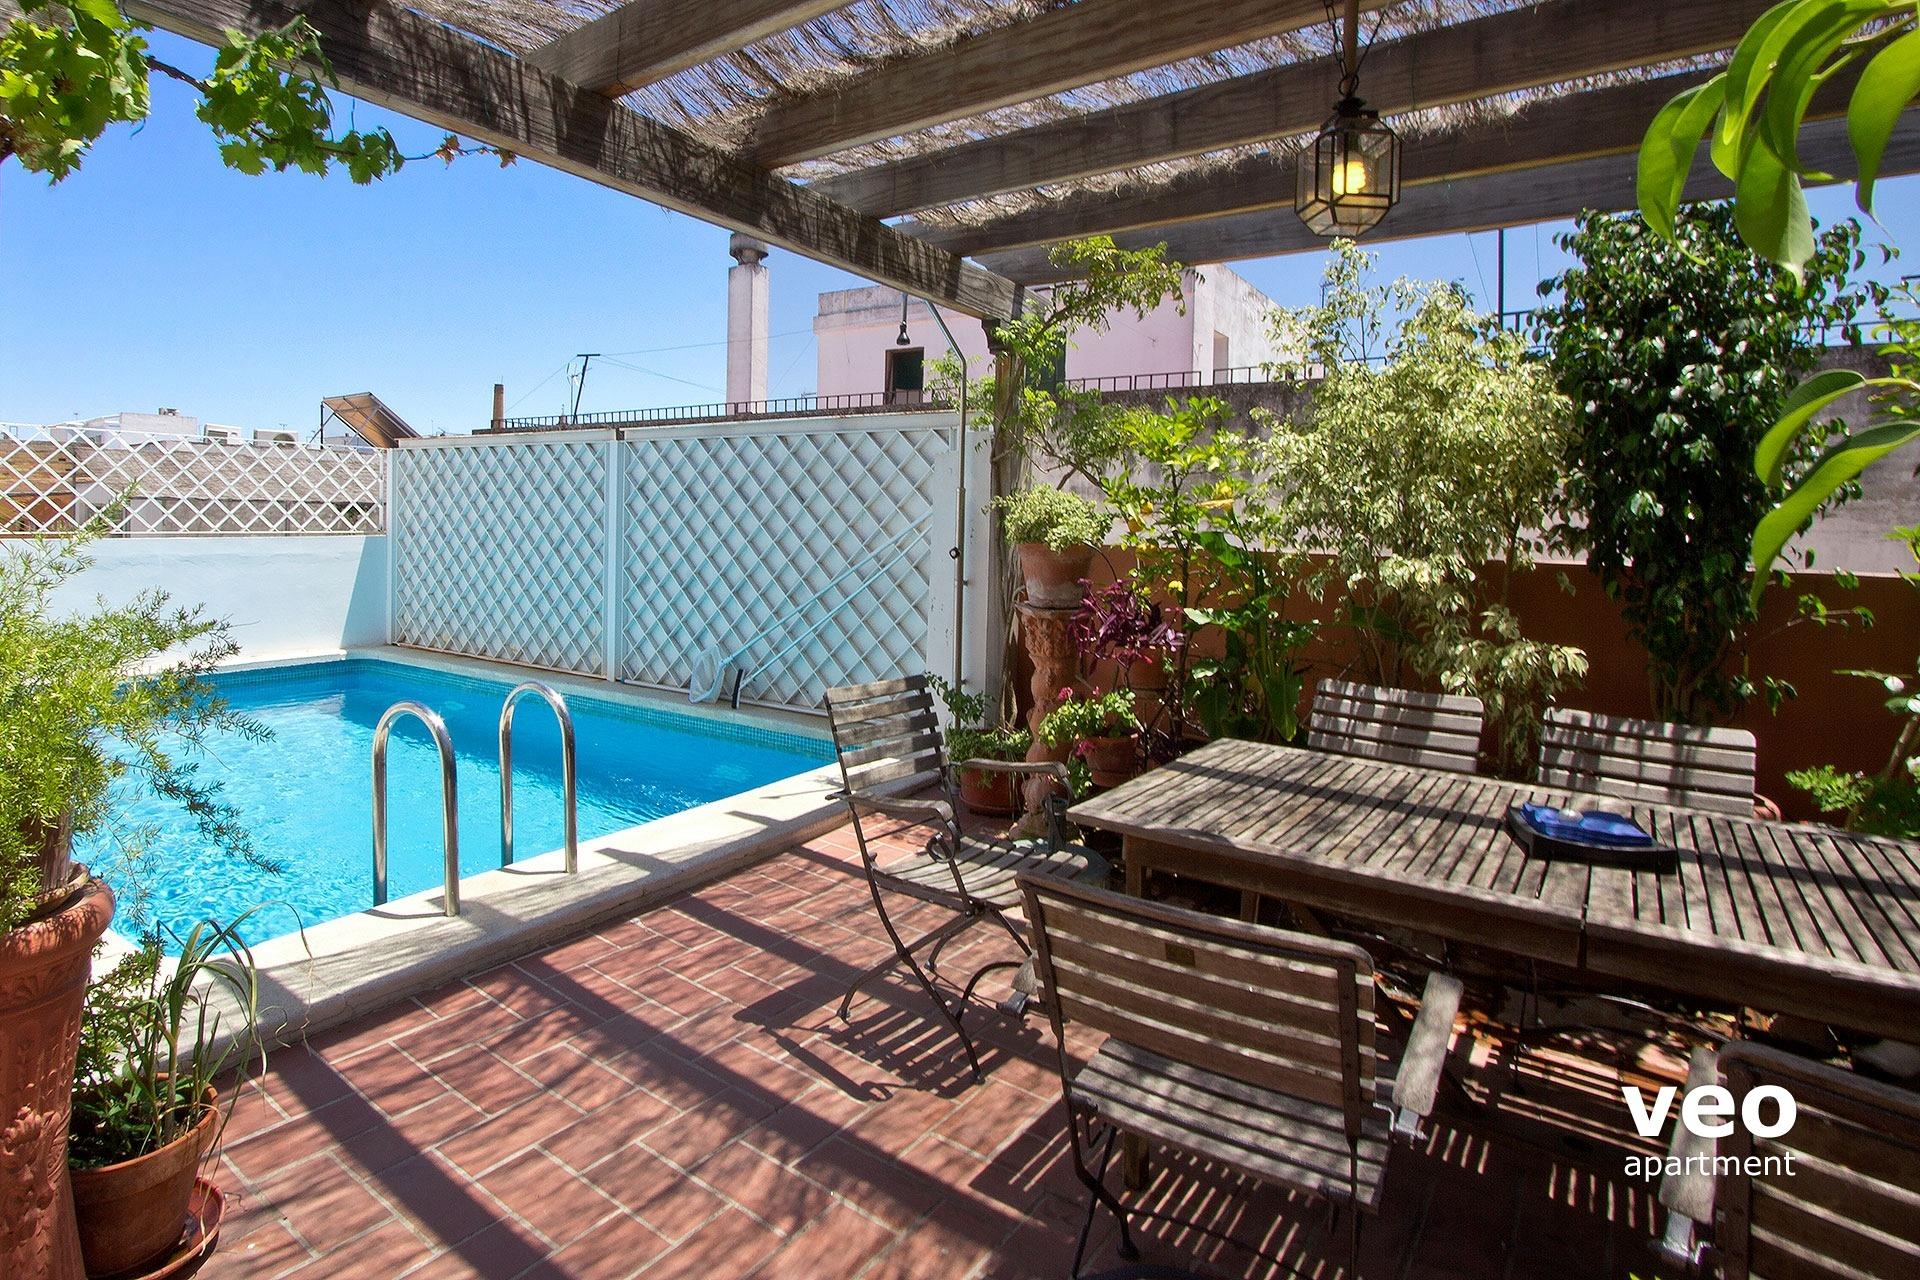 Appartement rue pedro miguel s ville espagne miguel for Vacance en autriche avec piscine